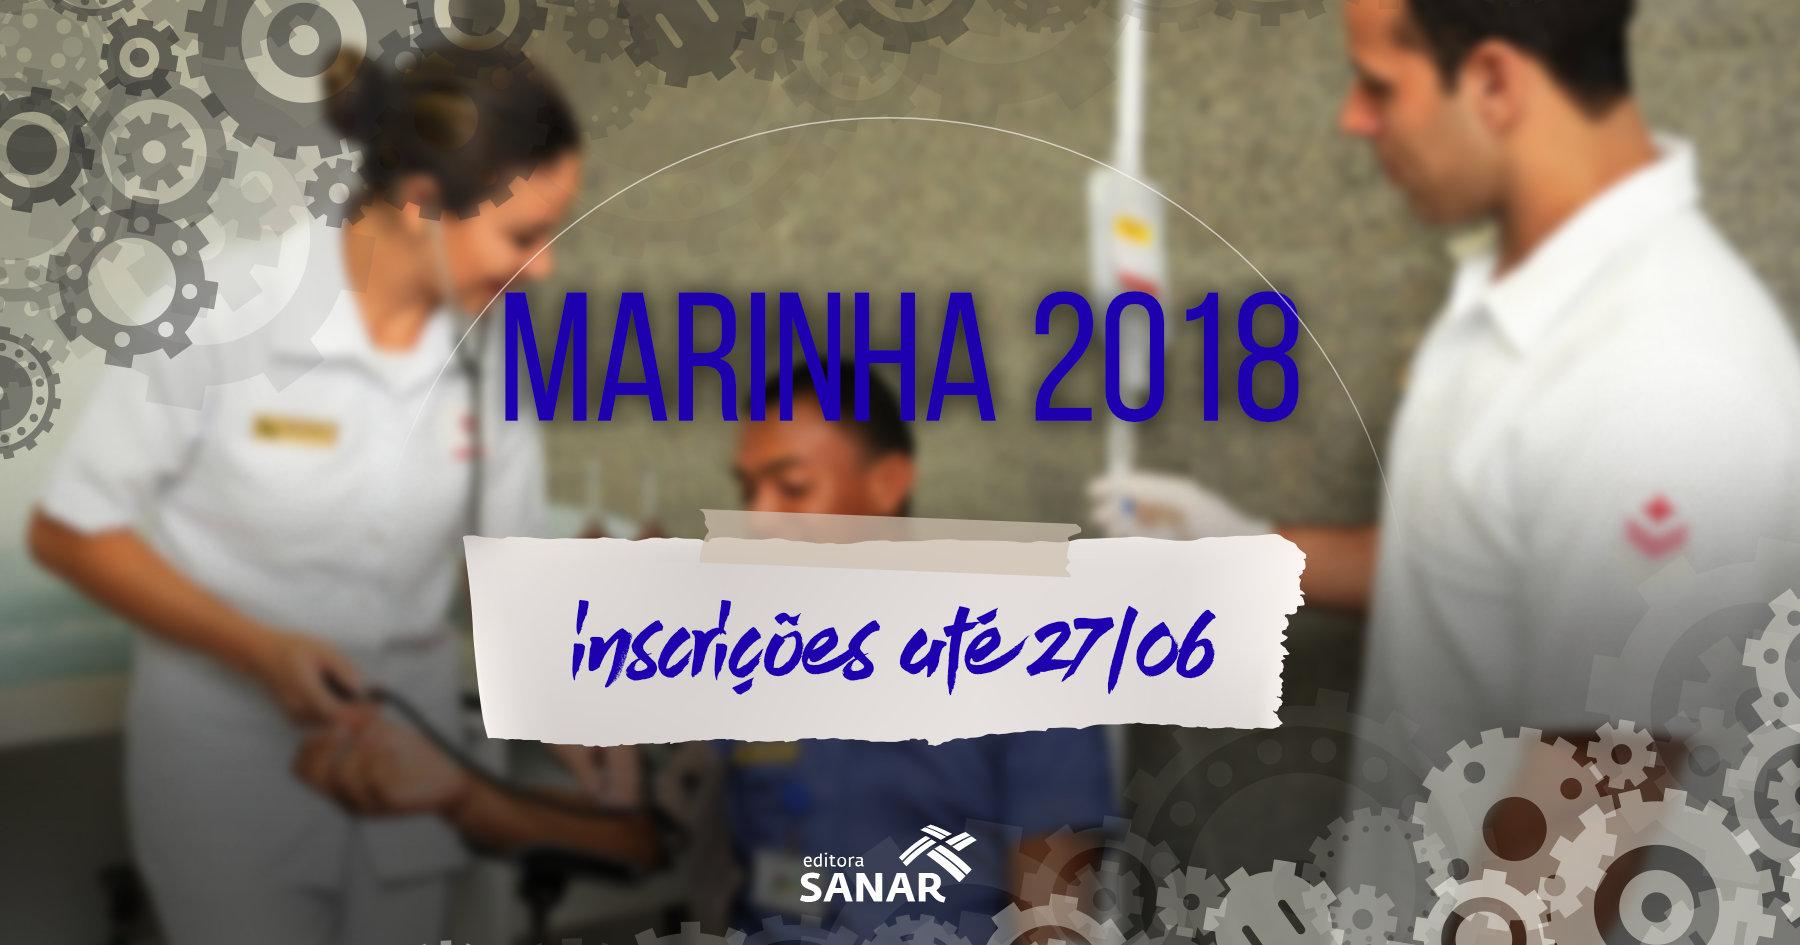 Concurso Marinha 2018: editais oferecem salários de R$6,9 mil